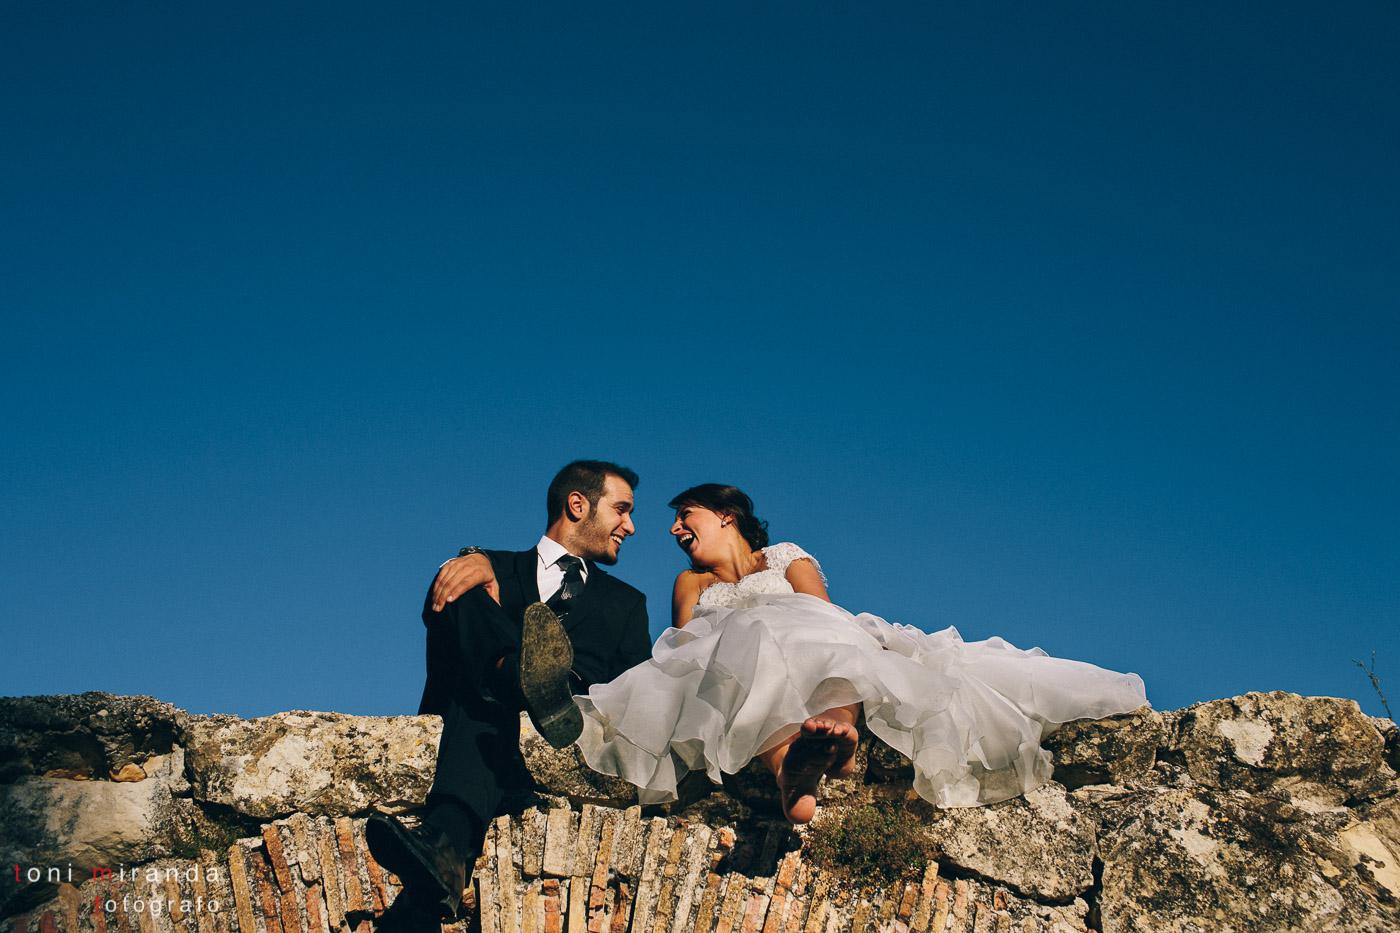 postboda en montaña de alicante poblado morisco